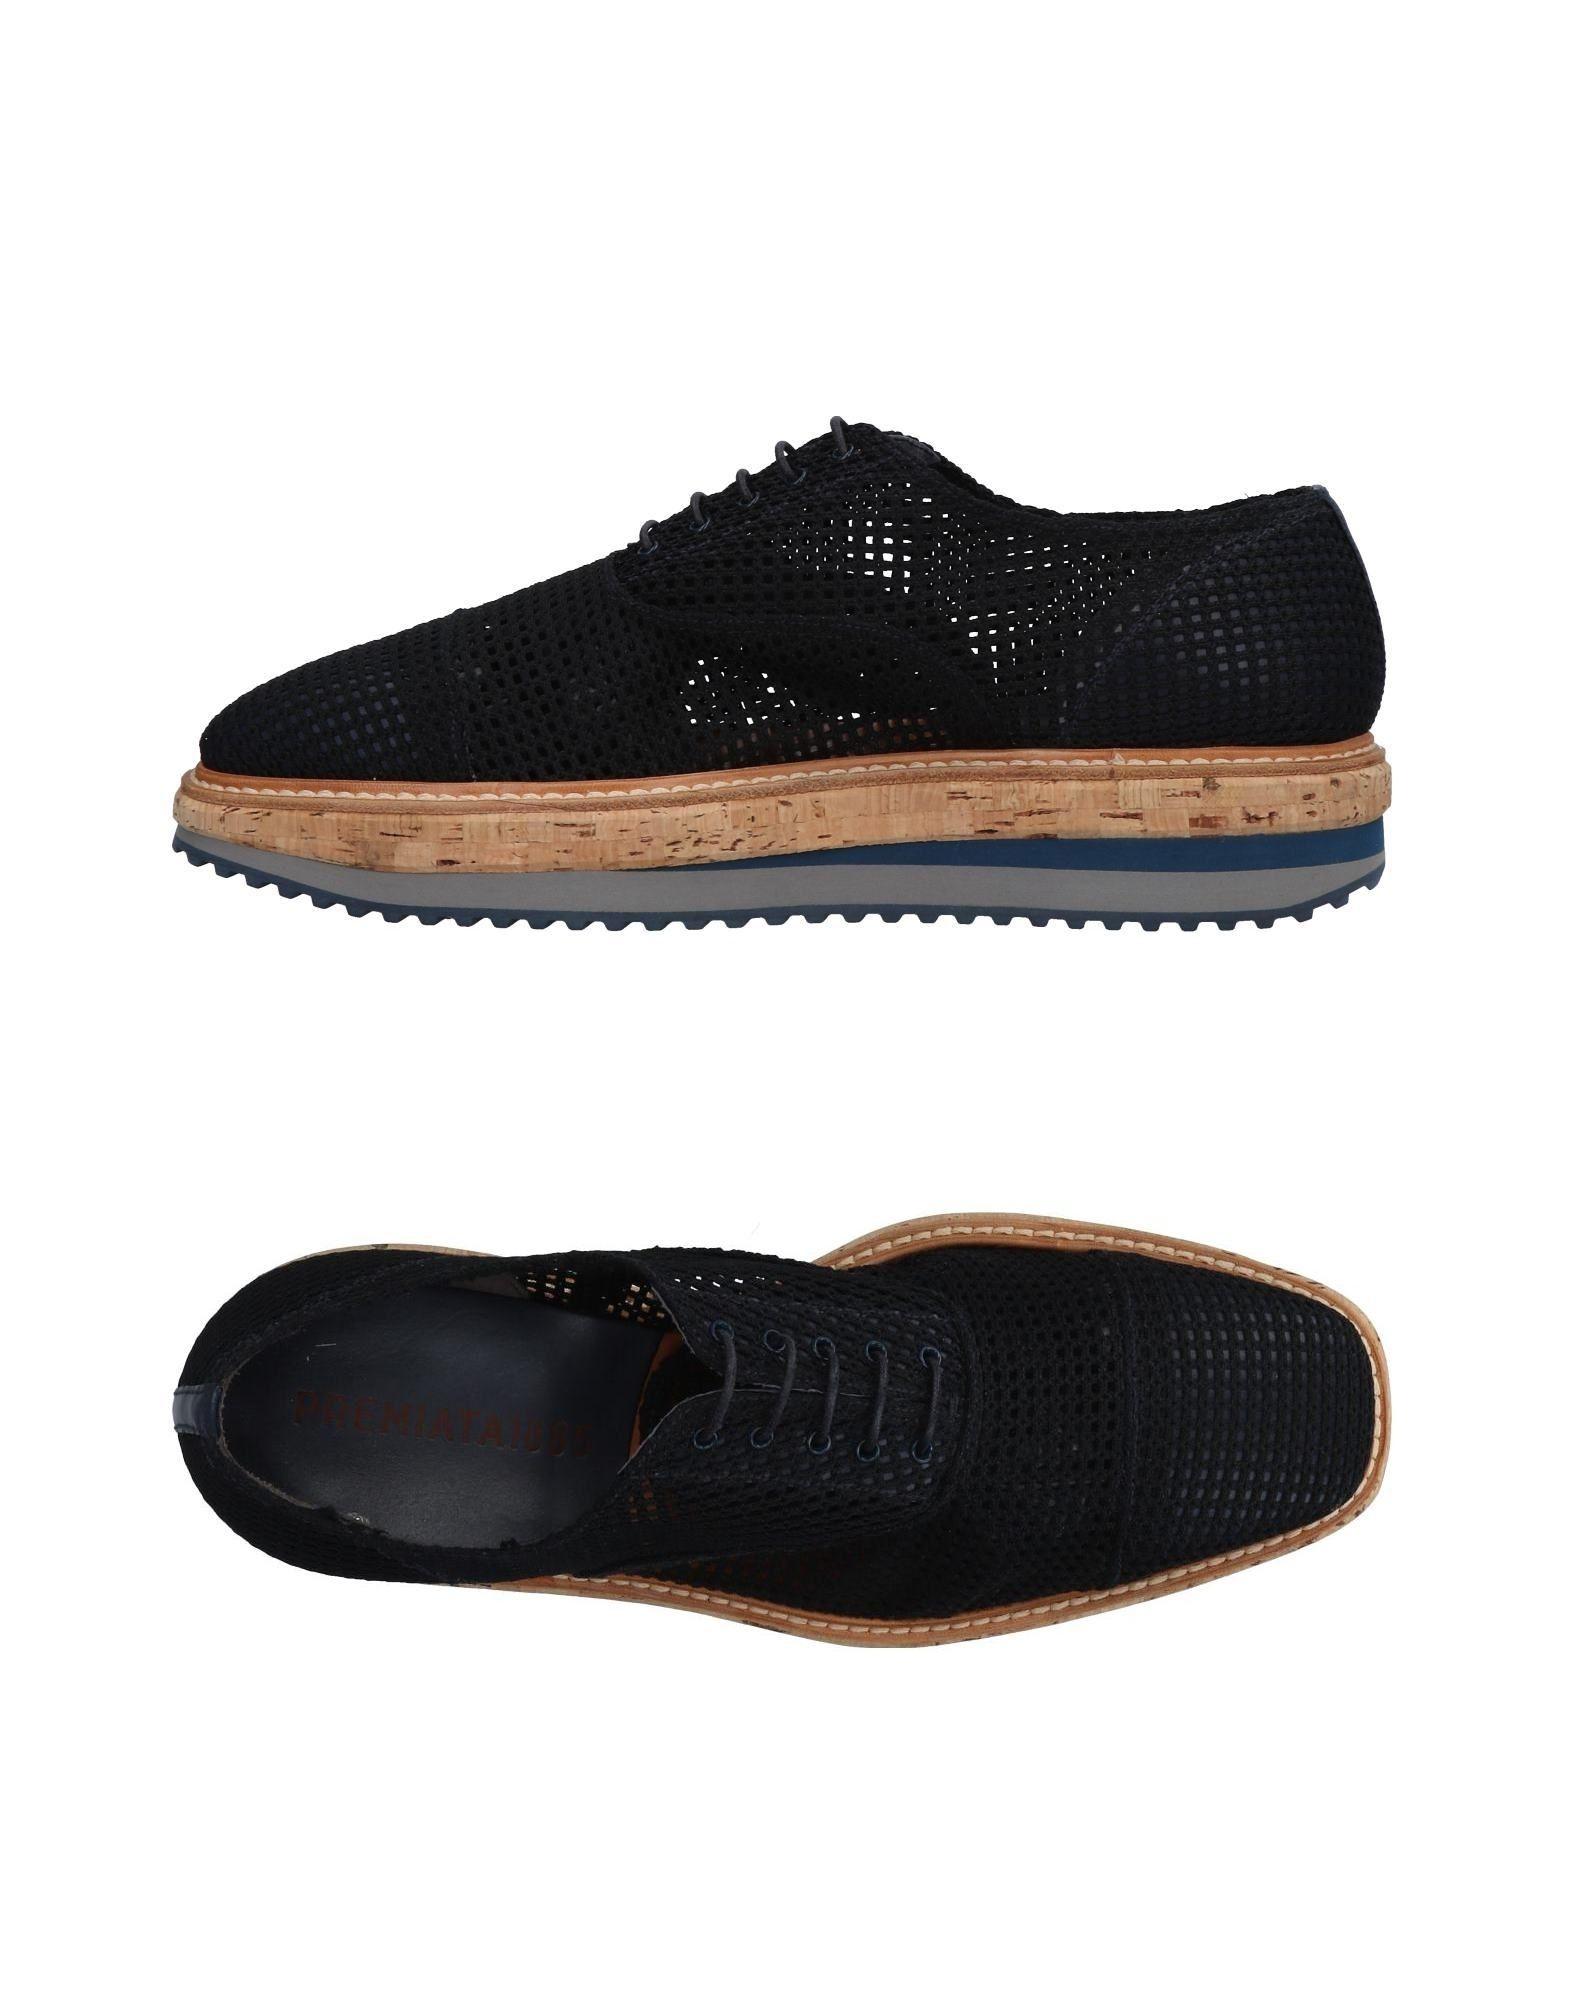 Premiata Schnürschuhe Herren  11476121VM Gute Qualität beliebte Schuhe